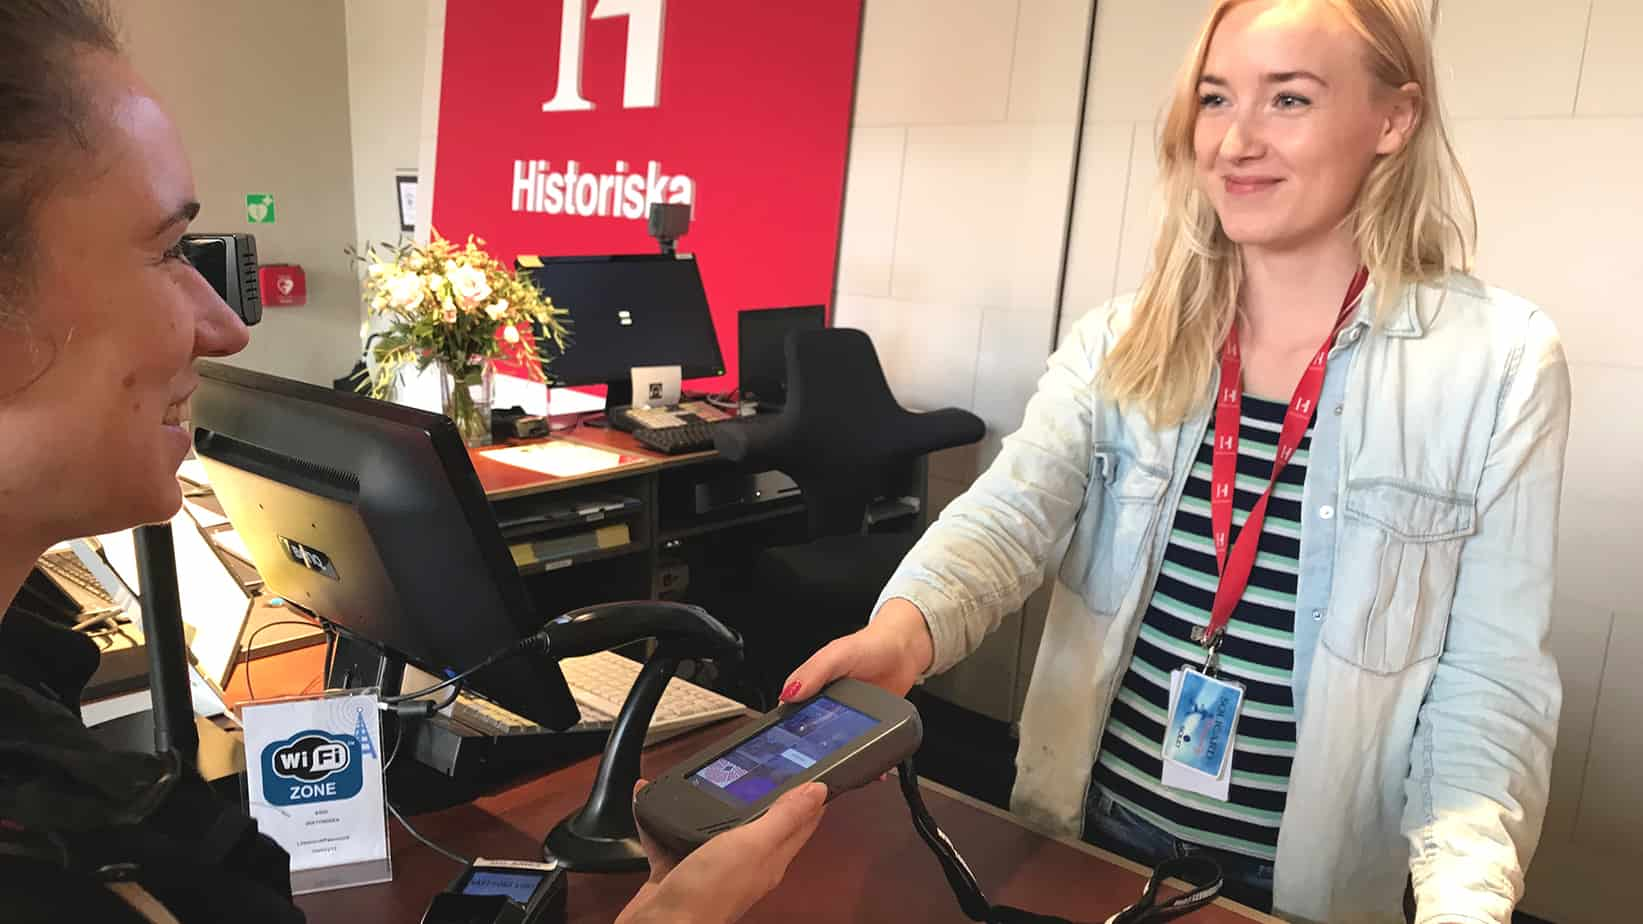 history museum receptionist